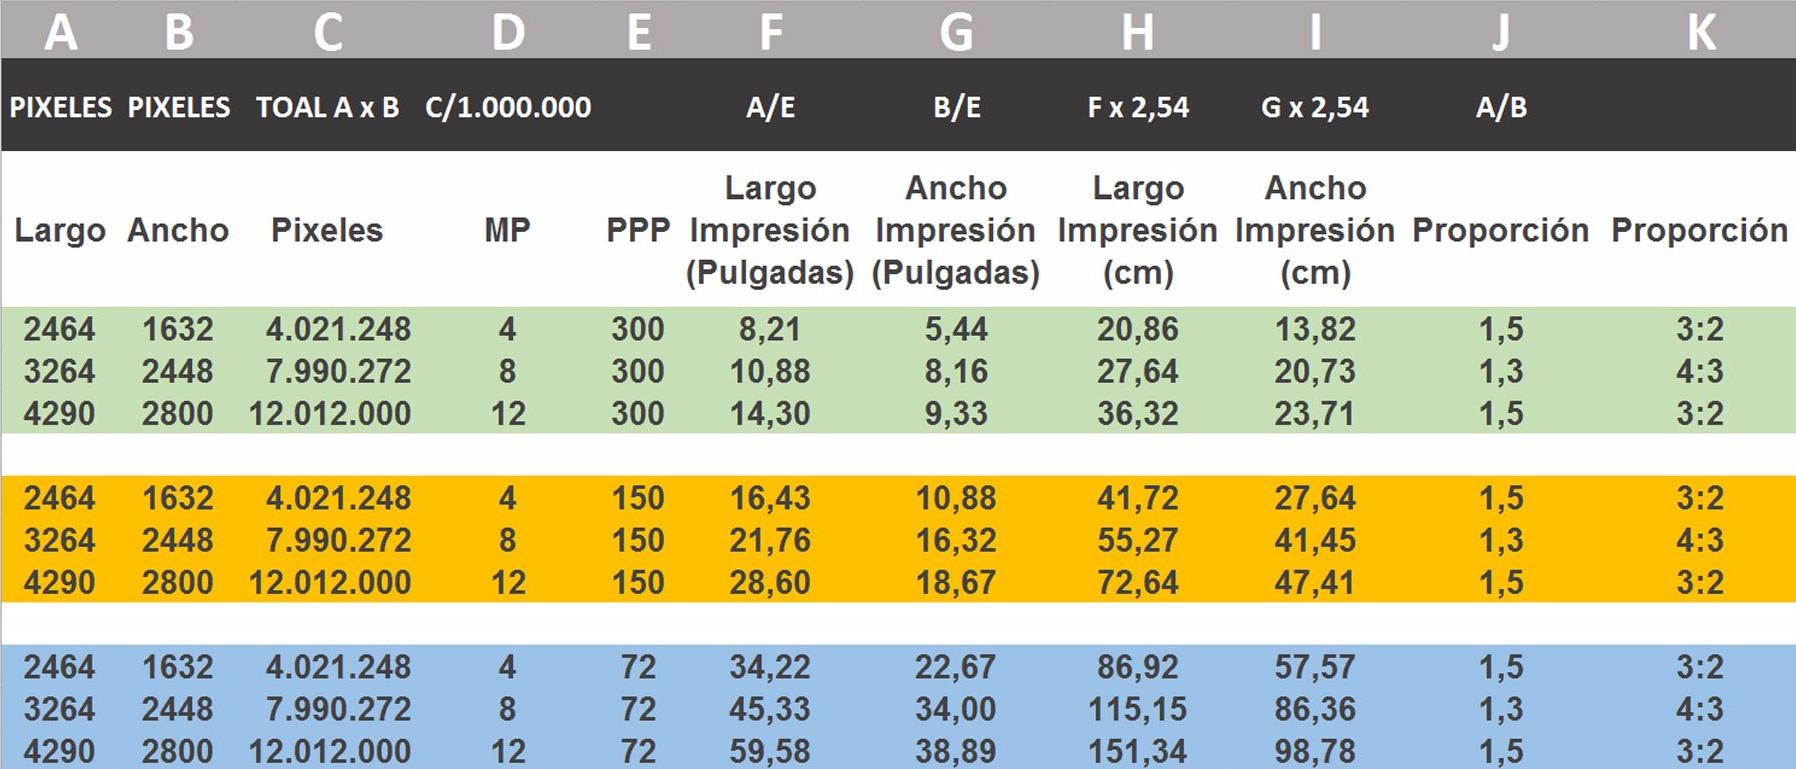 felipe-passolas-prostudio-360_resoluciocc81n-la-italiana-cafecc81_0.jpg